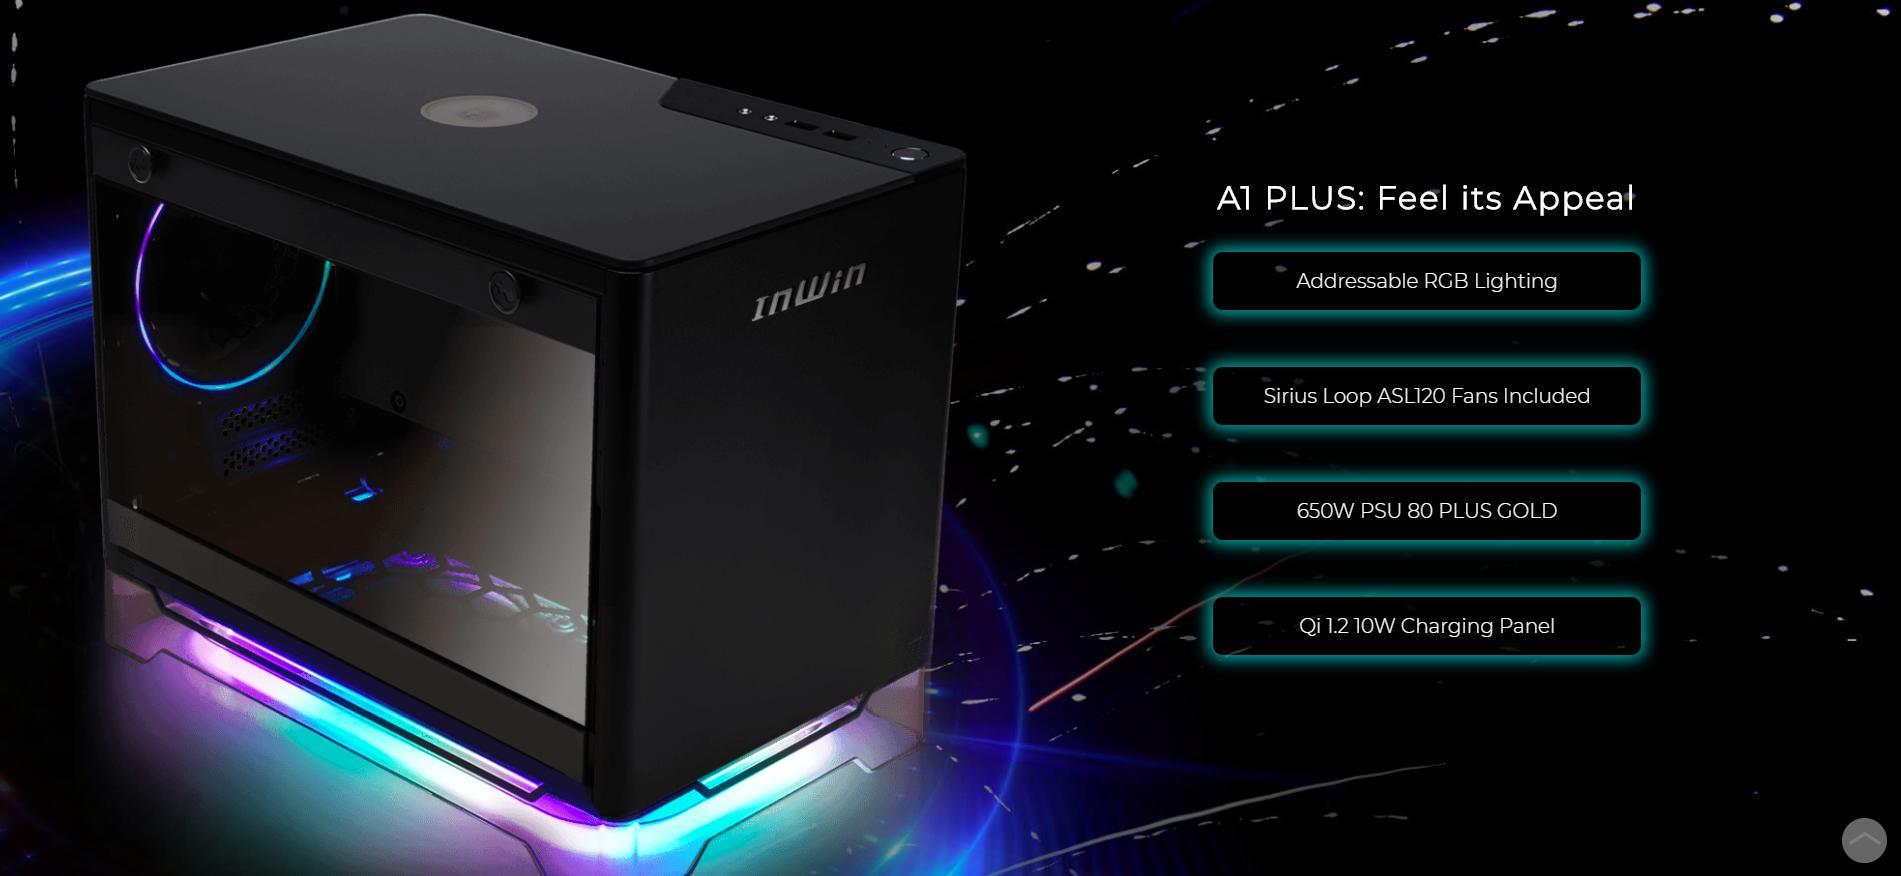 InWin A1 Plus White QI Charger - Full Side Tempered Glass Mini giới thiệu tính năng nổi bật